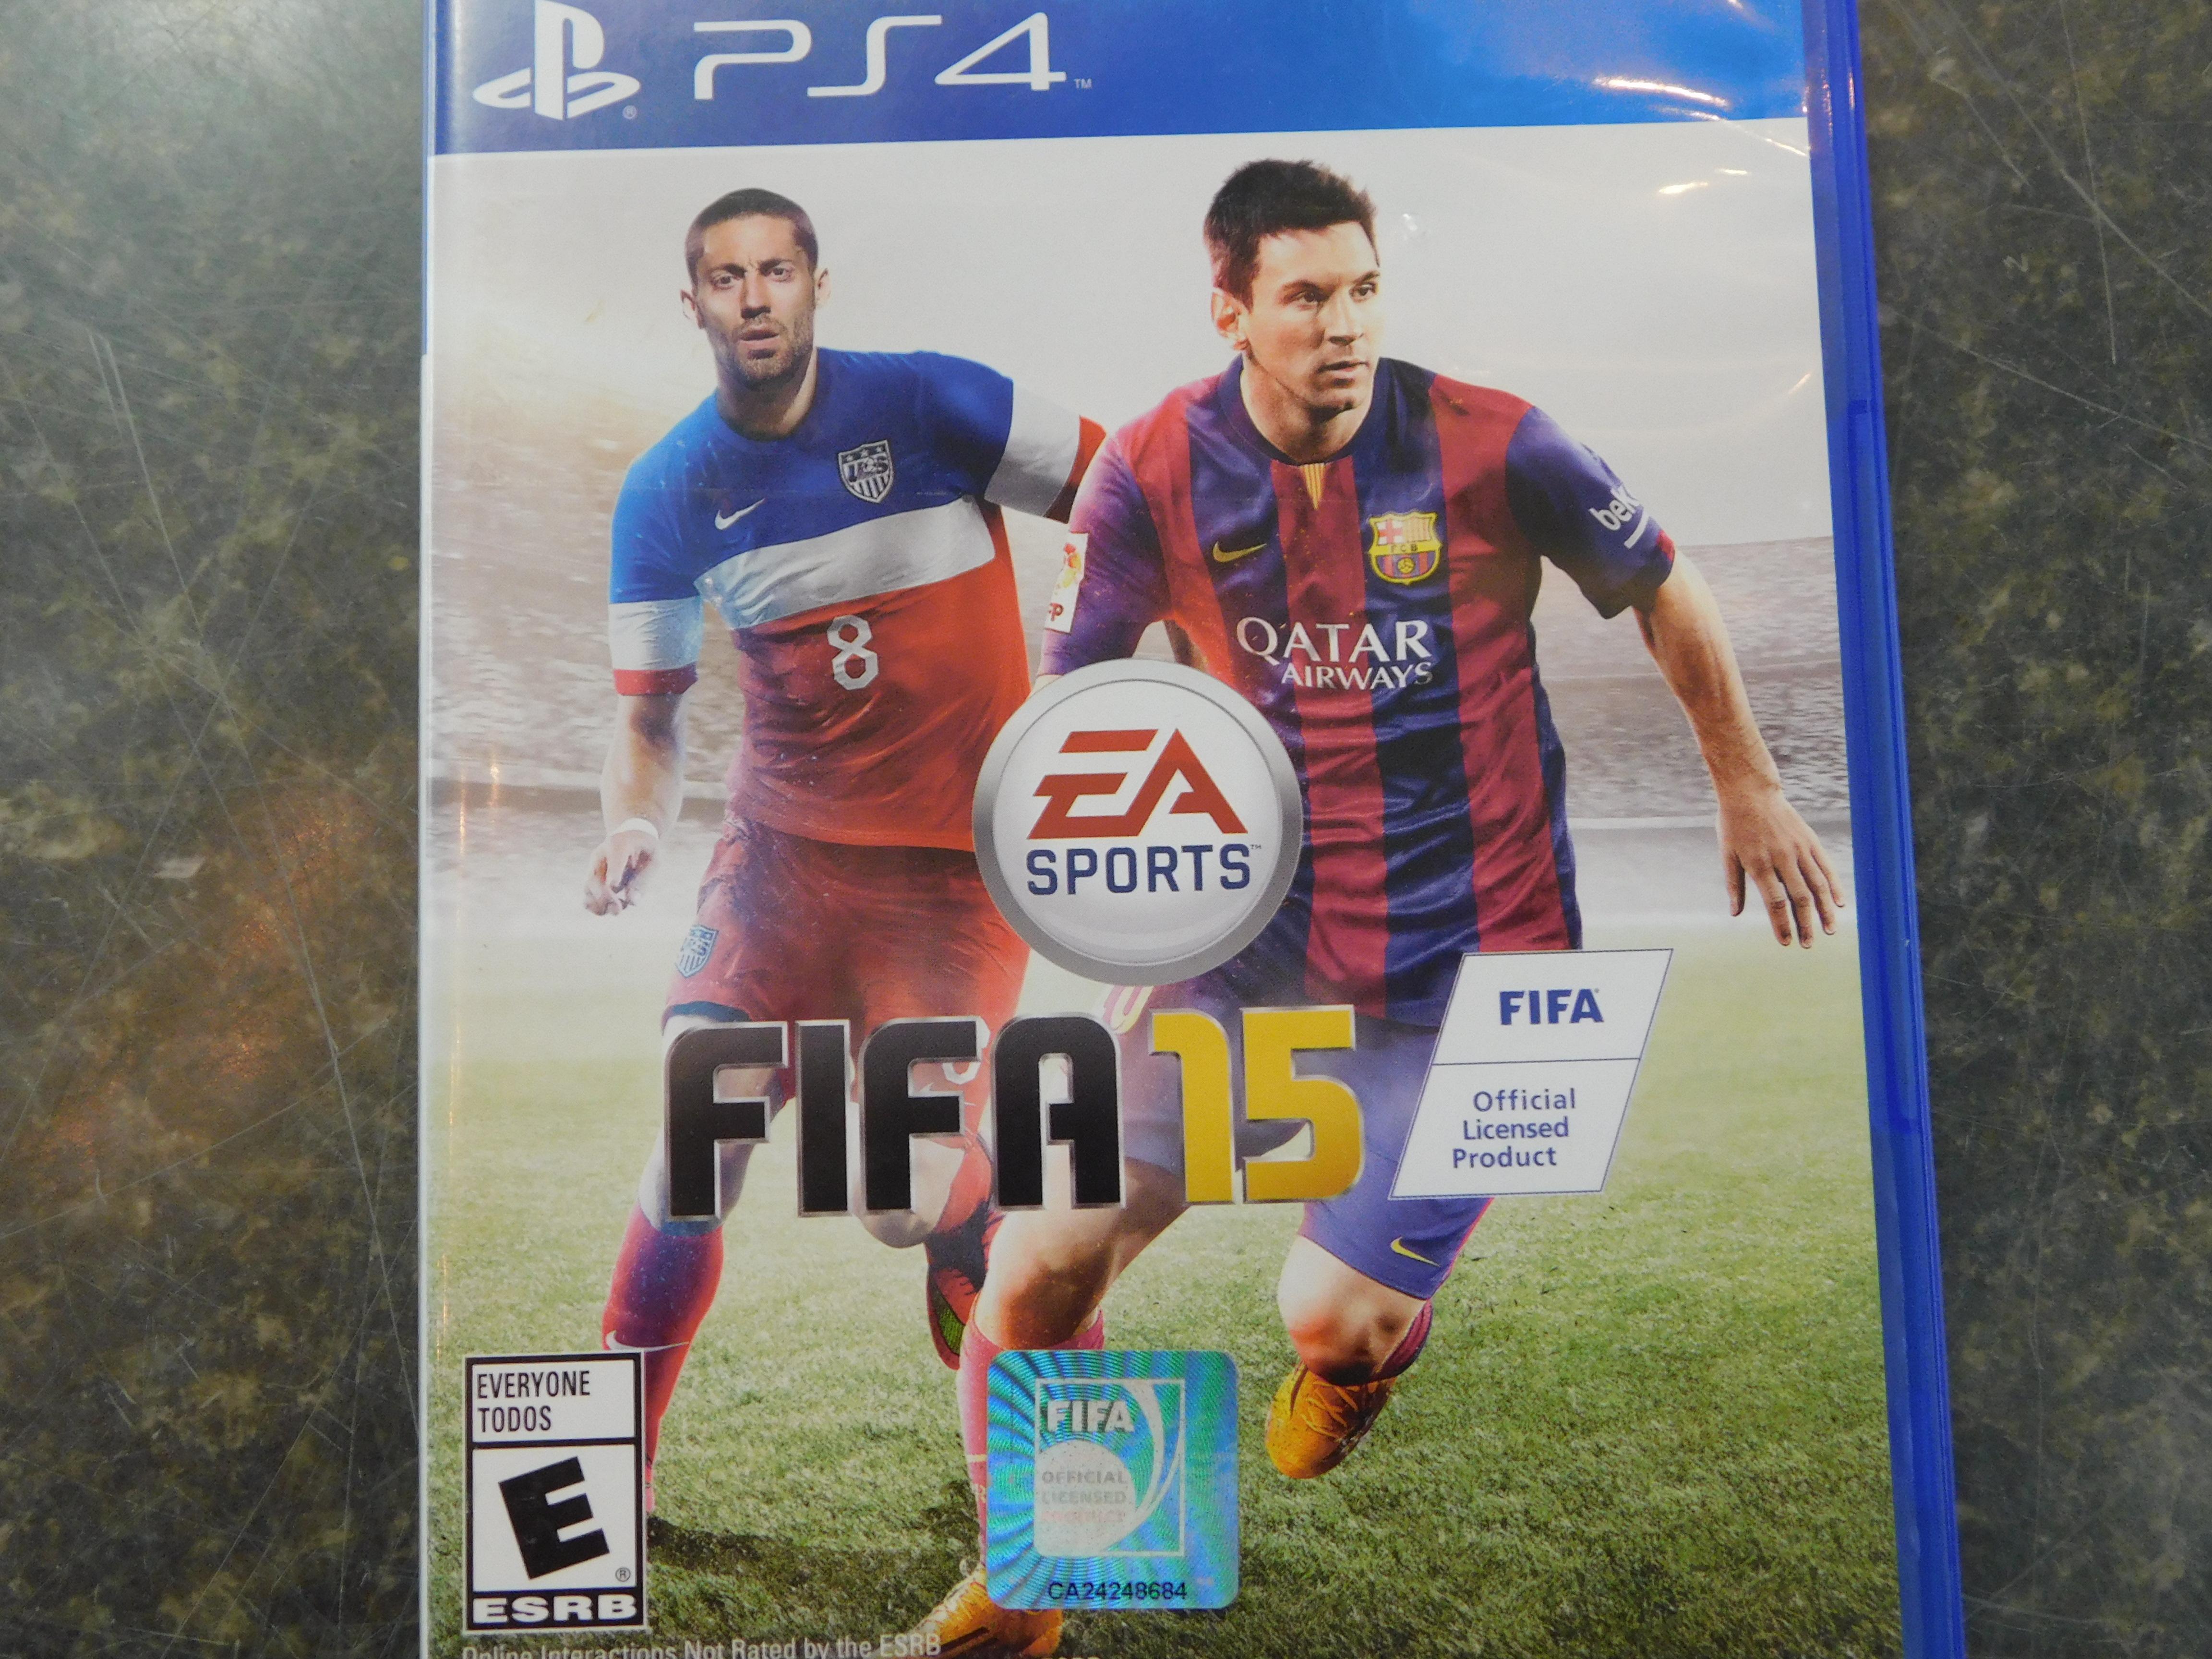 PLAYSTATION 4 FIFA 15 GAME